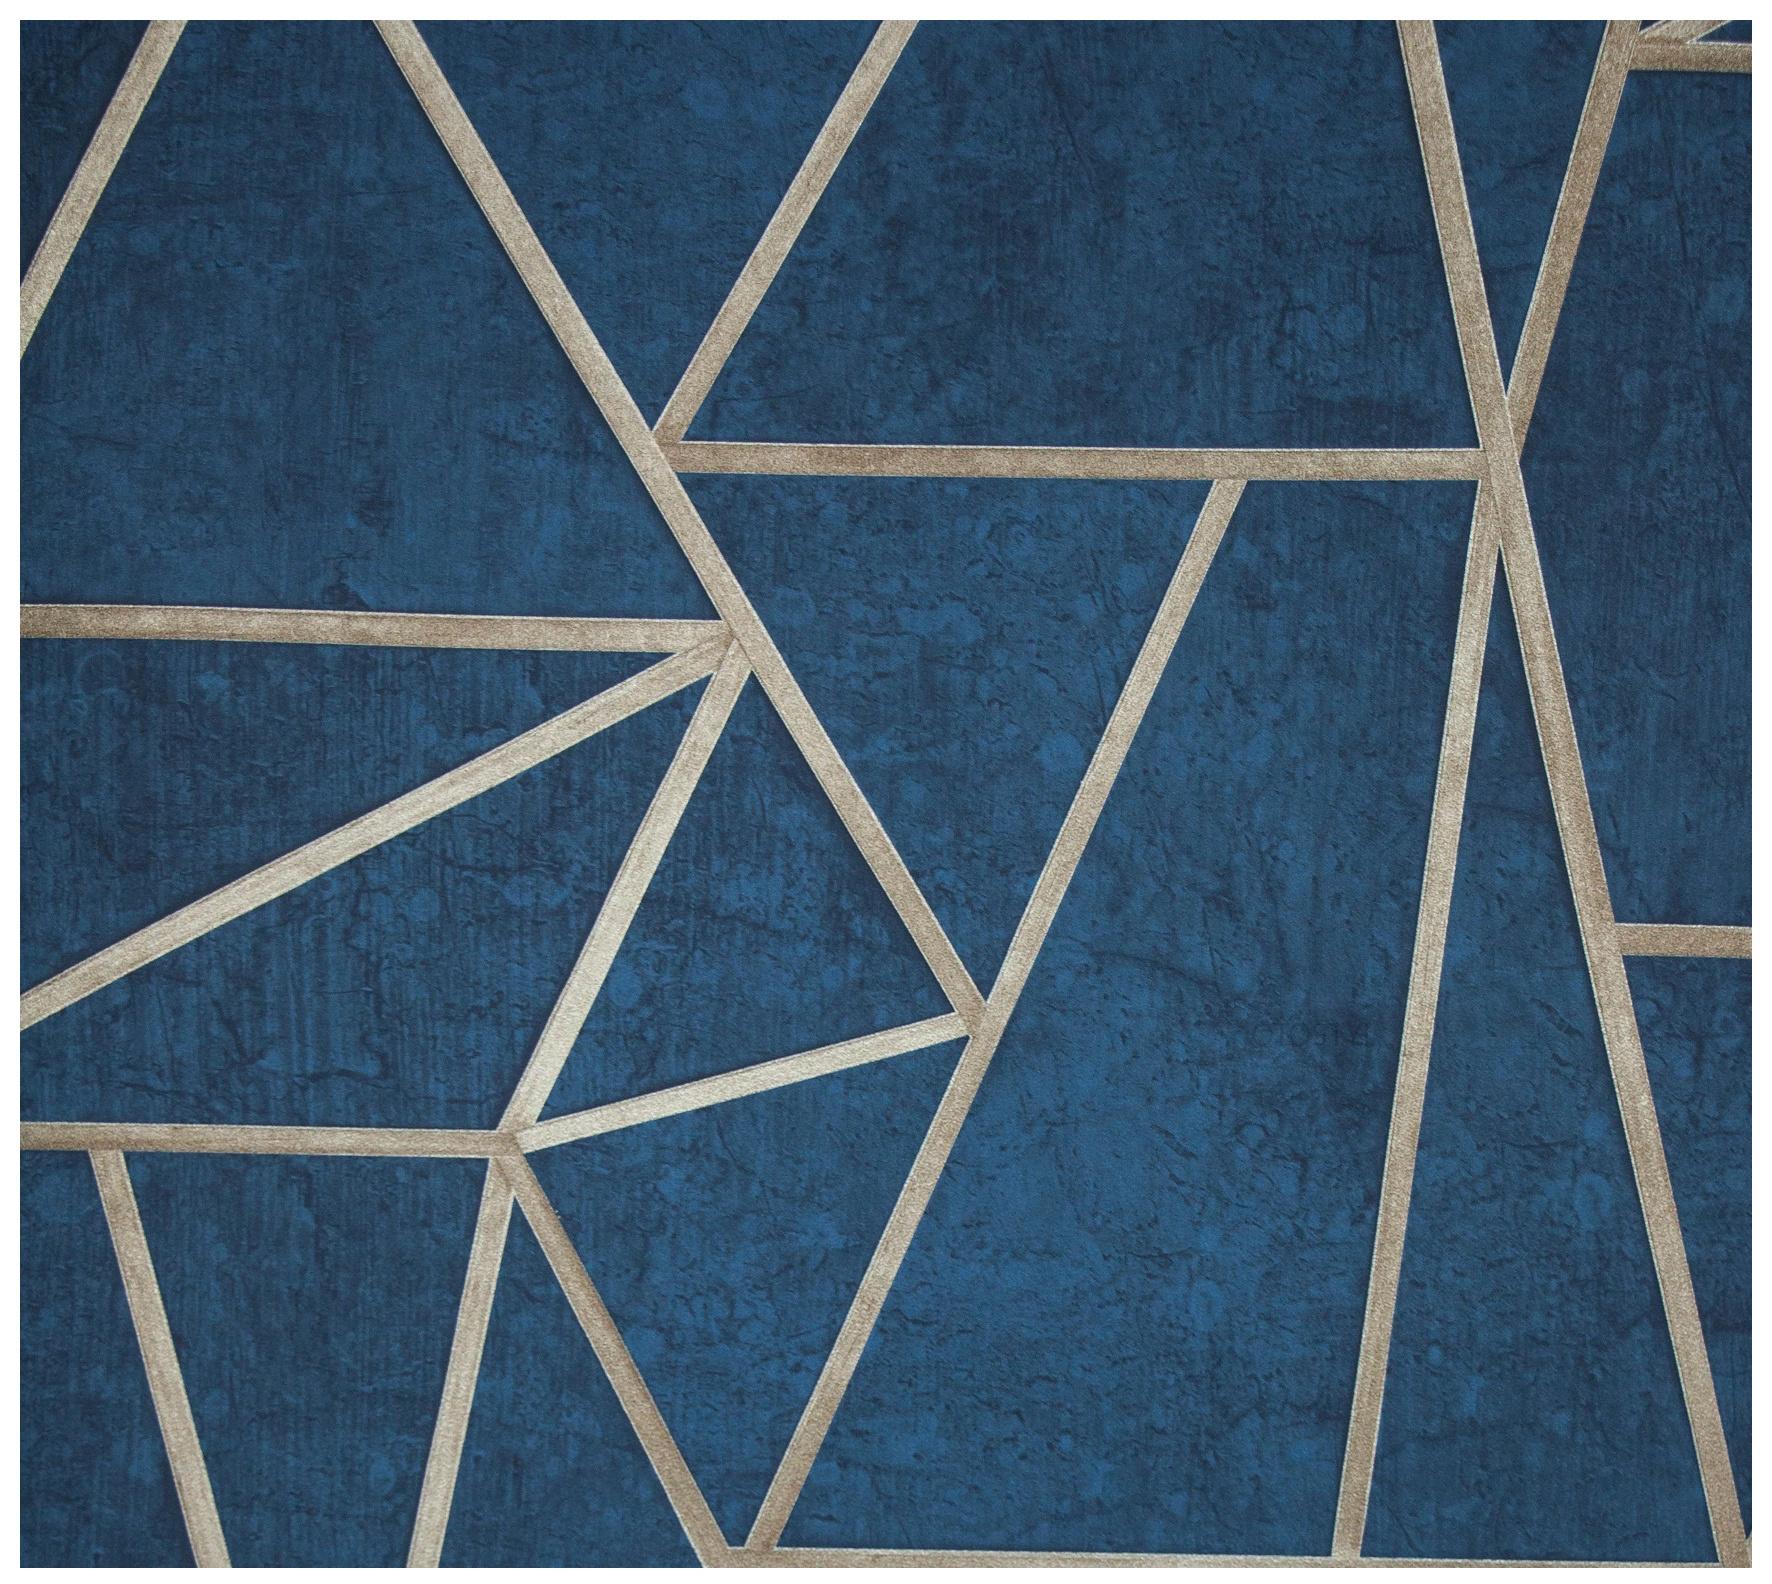 TAPETA geometryczna beton niebieski styl Soho